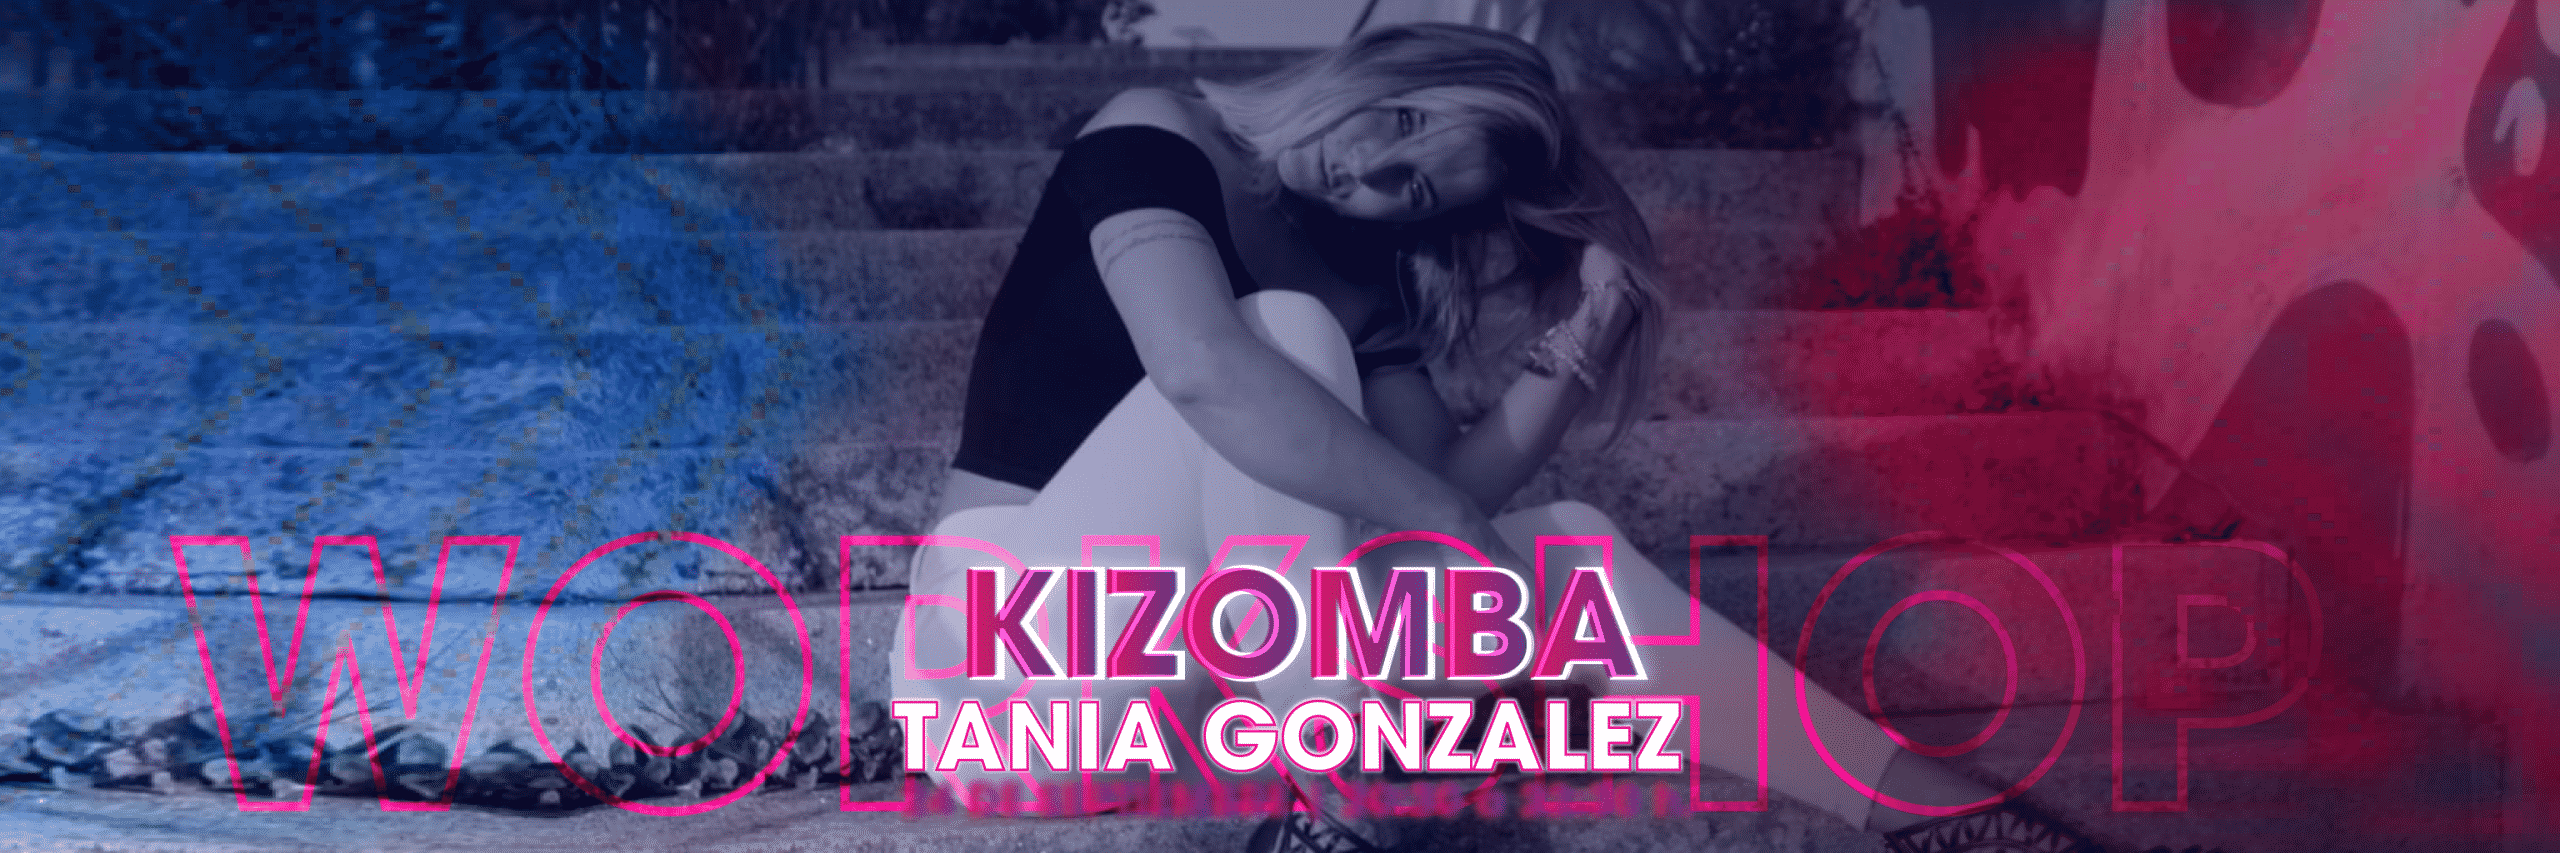 TANIA GONZALEZ - KIZOMBA - DANZA10